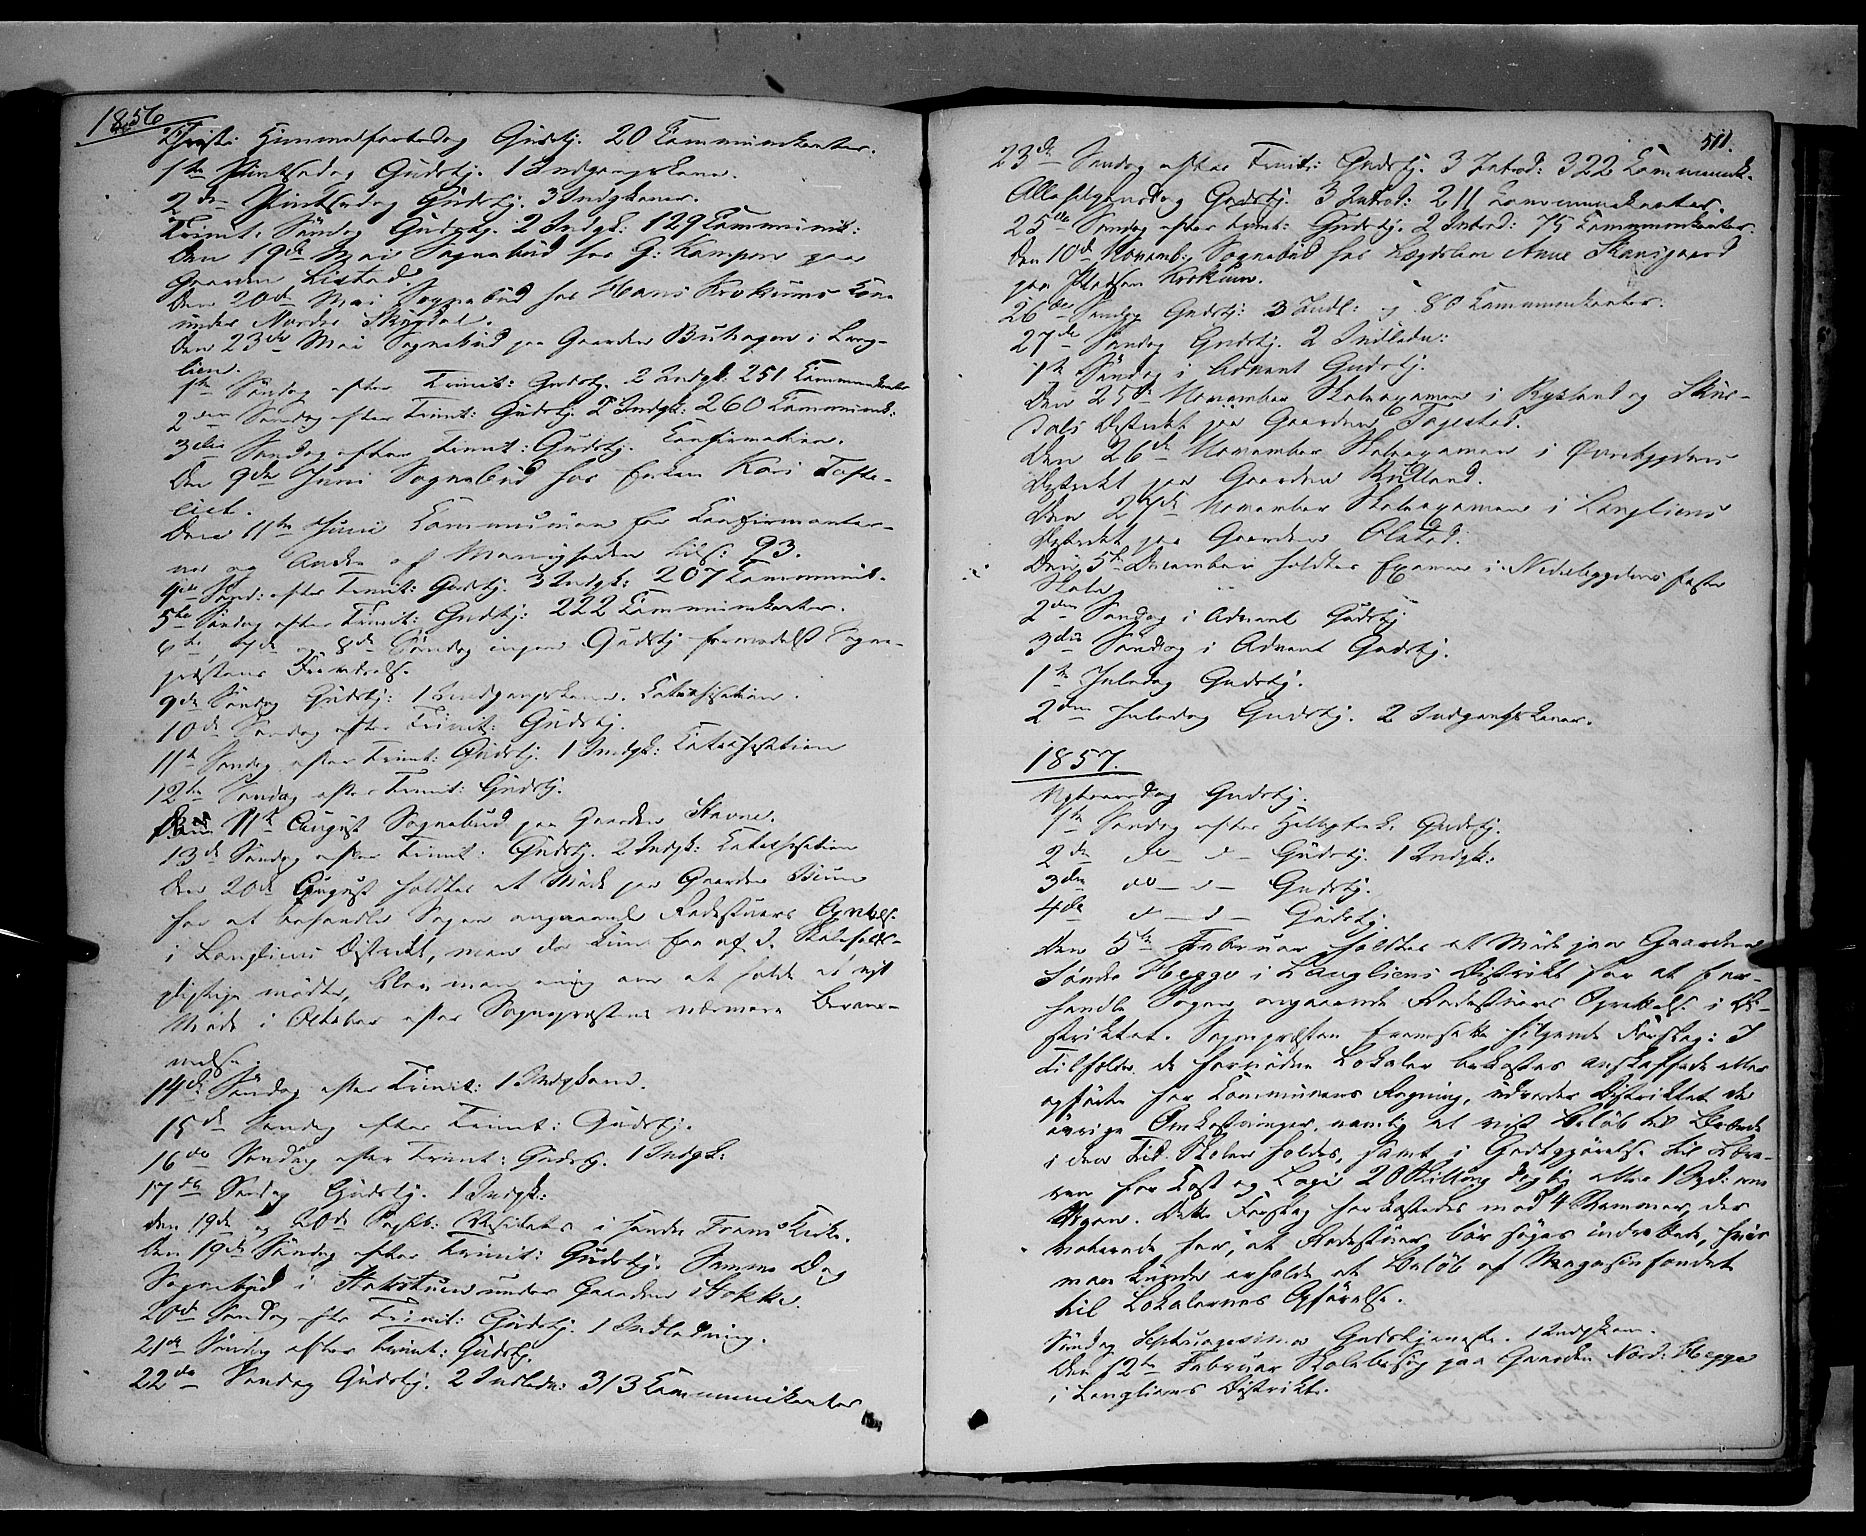 SAH, Sør-Fron prestekontor, H/Ha/Haa/L0001: Ministerialbok nr. 1, 1849-1863, s. 511